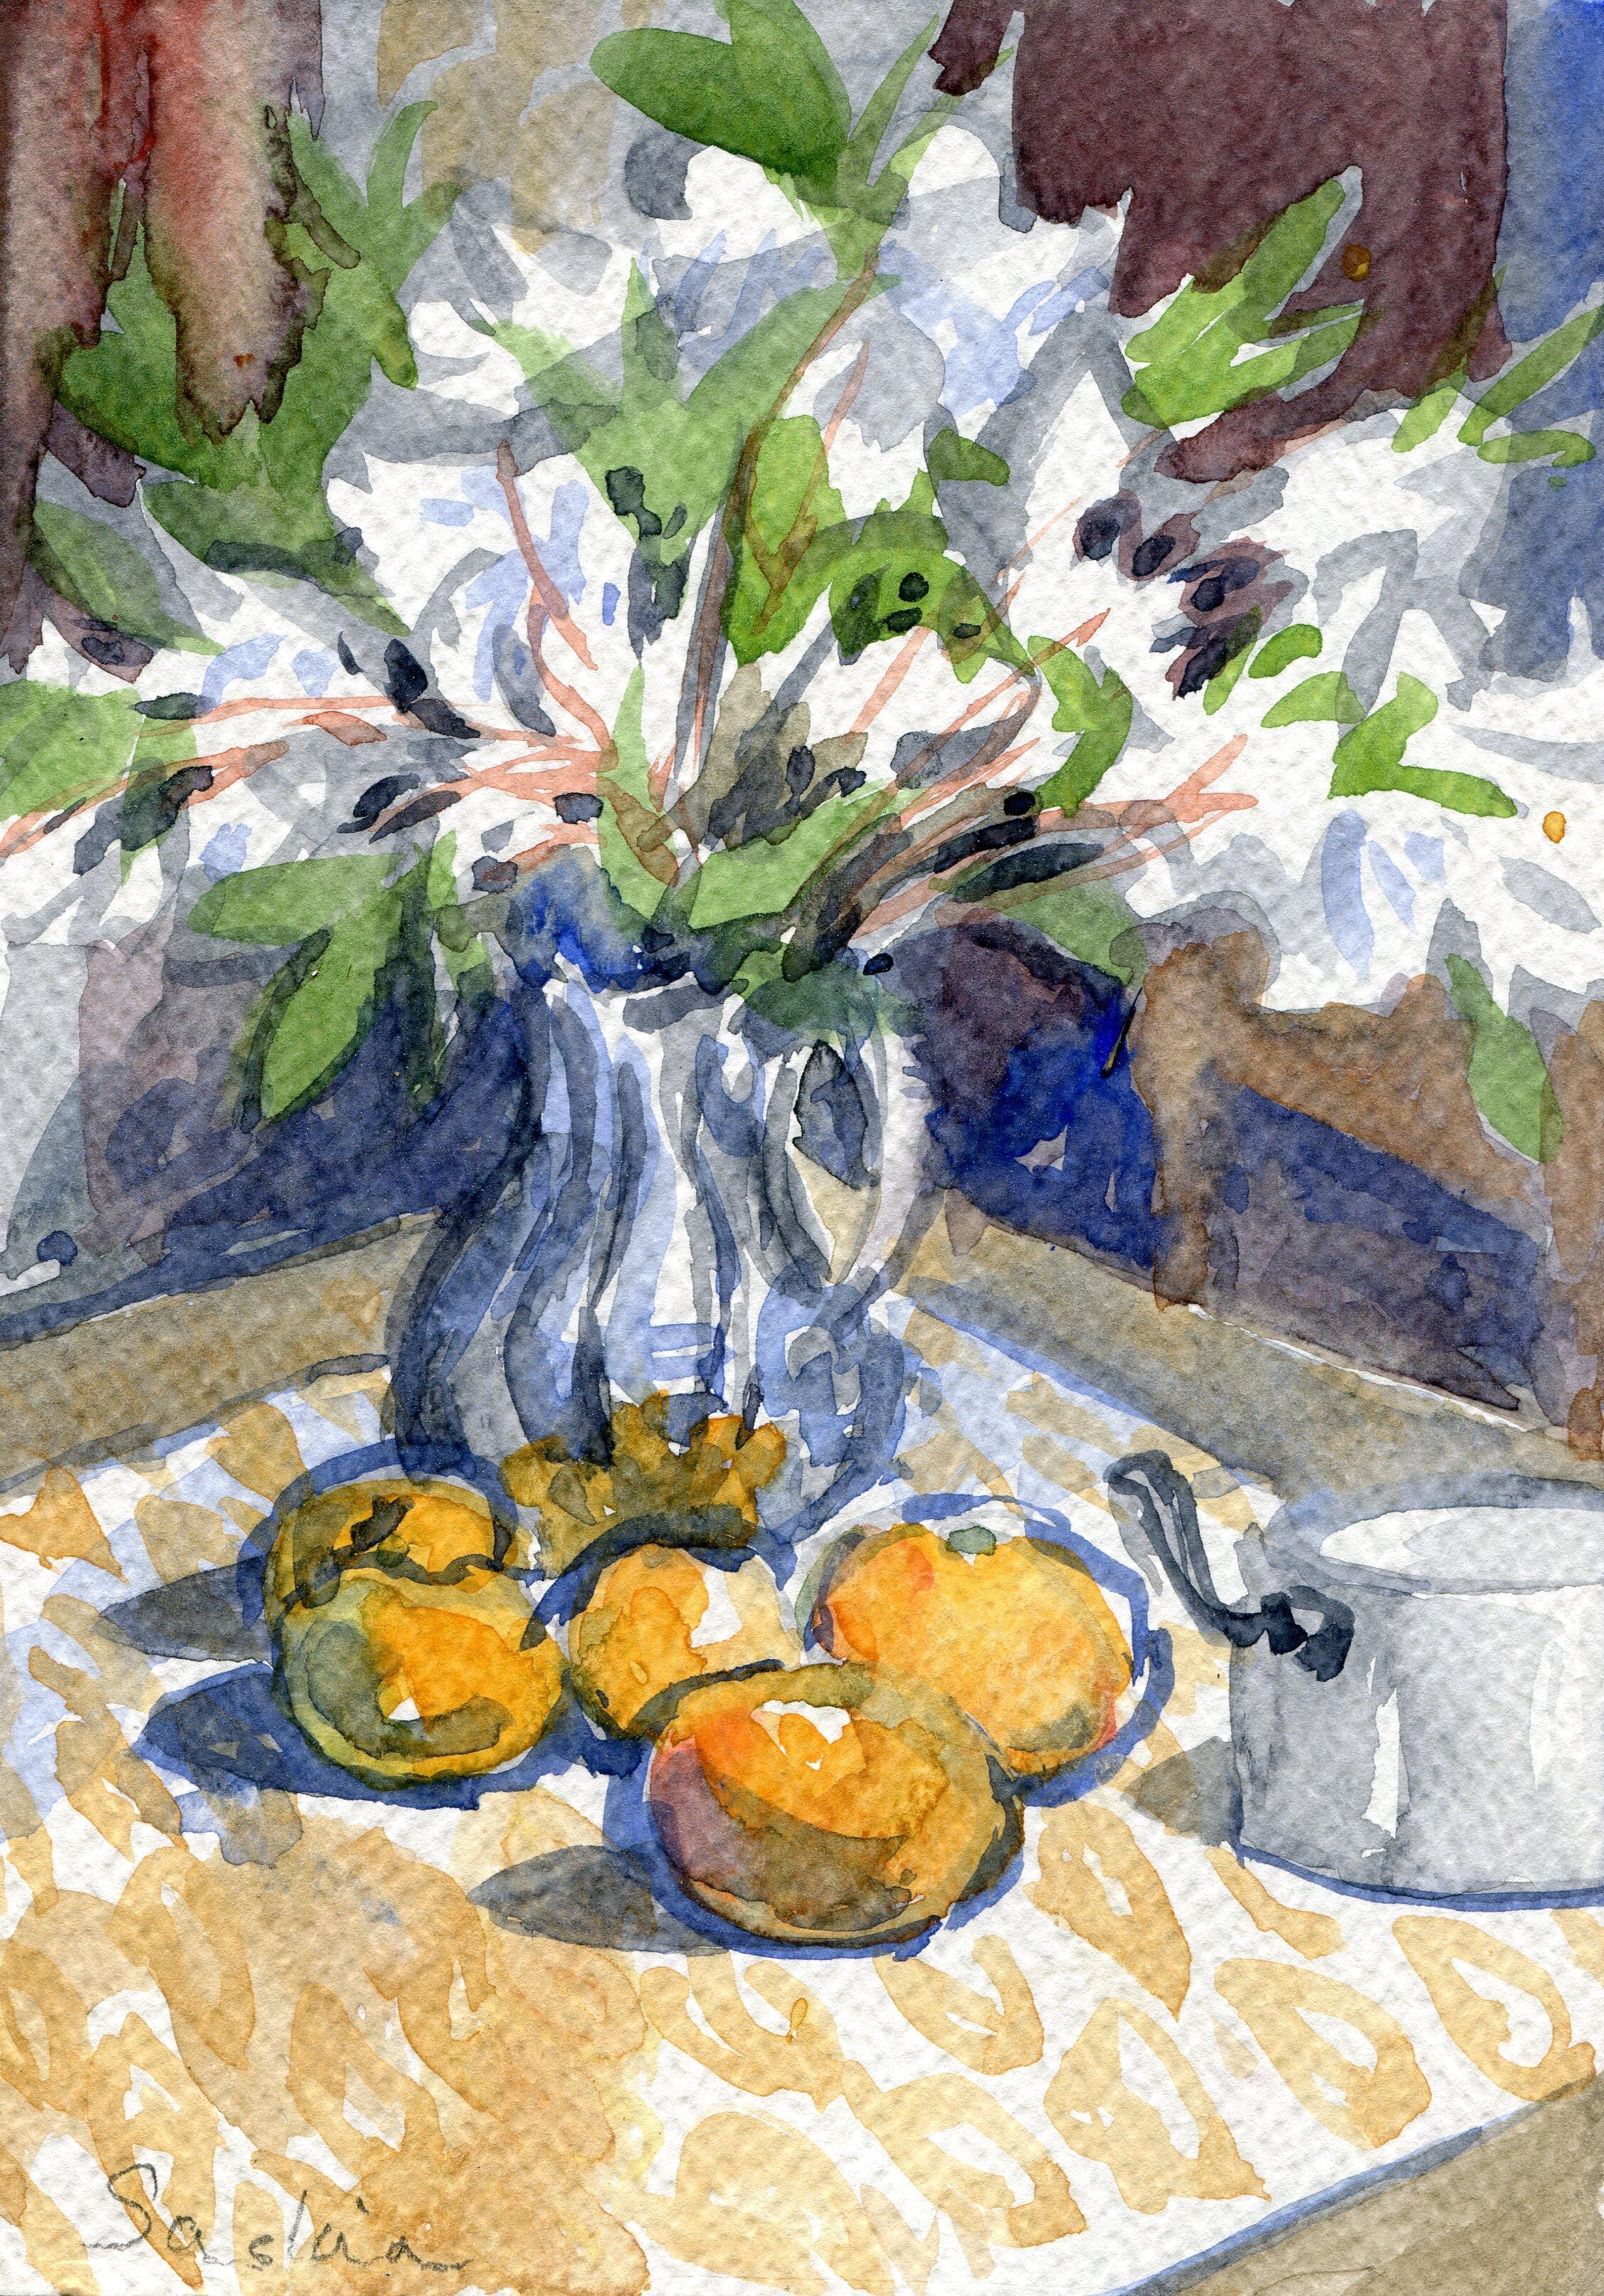 51a  Saskia Osborne  White azaleas  watercolour on paper